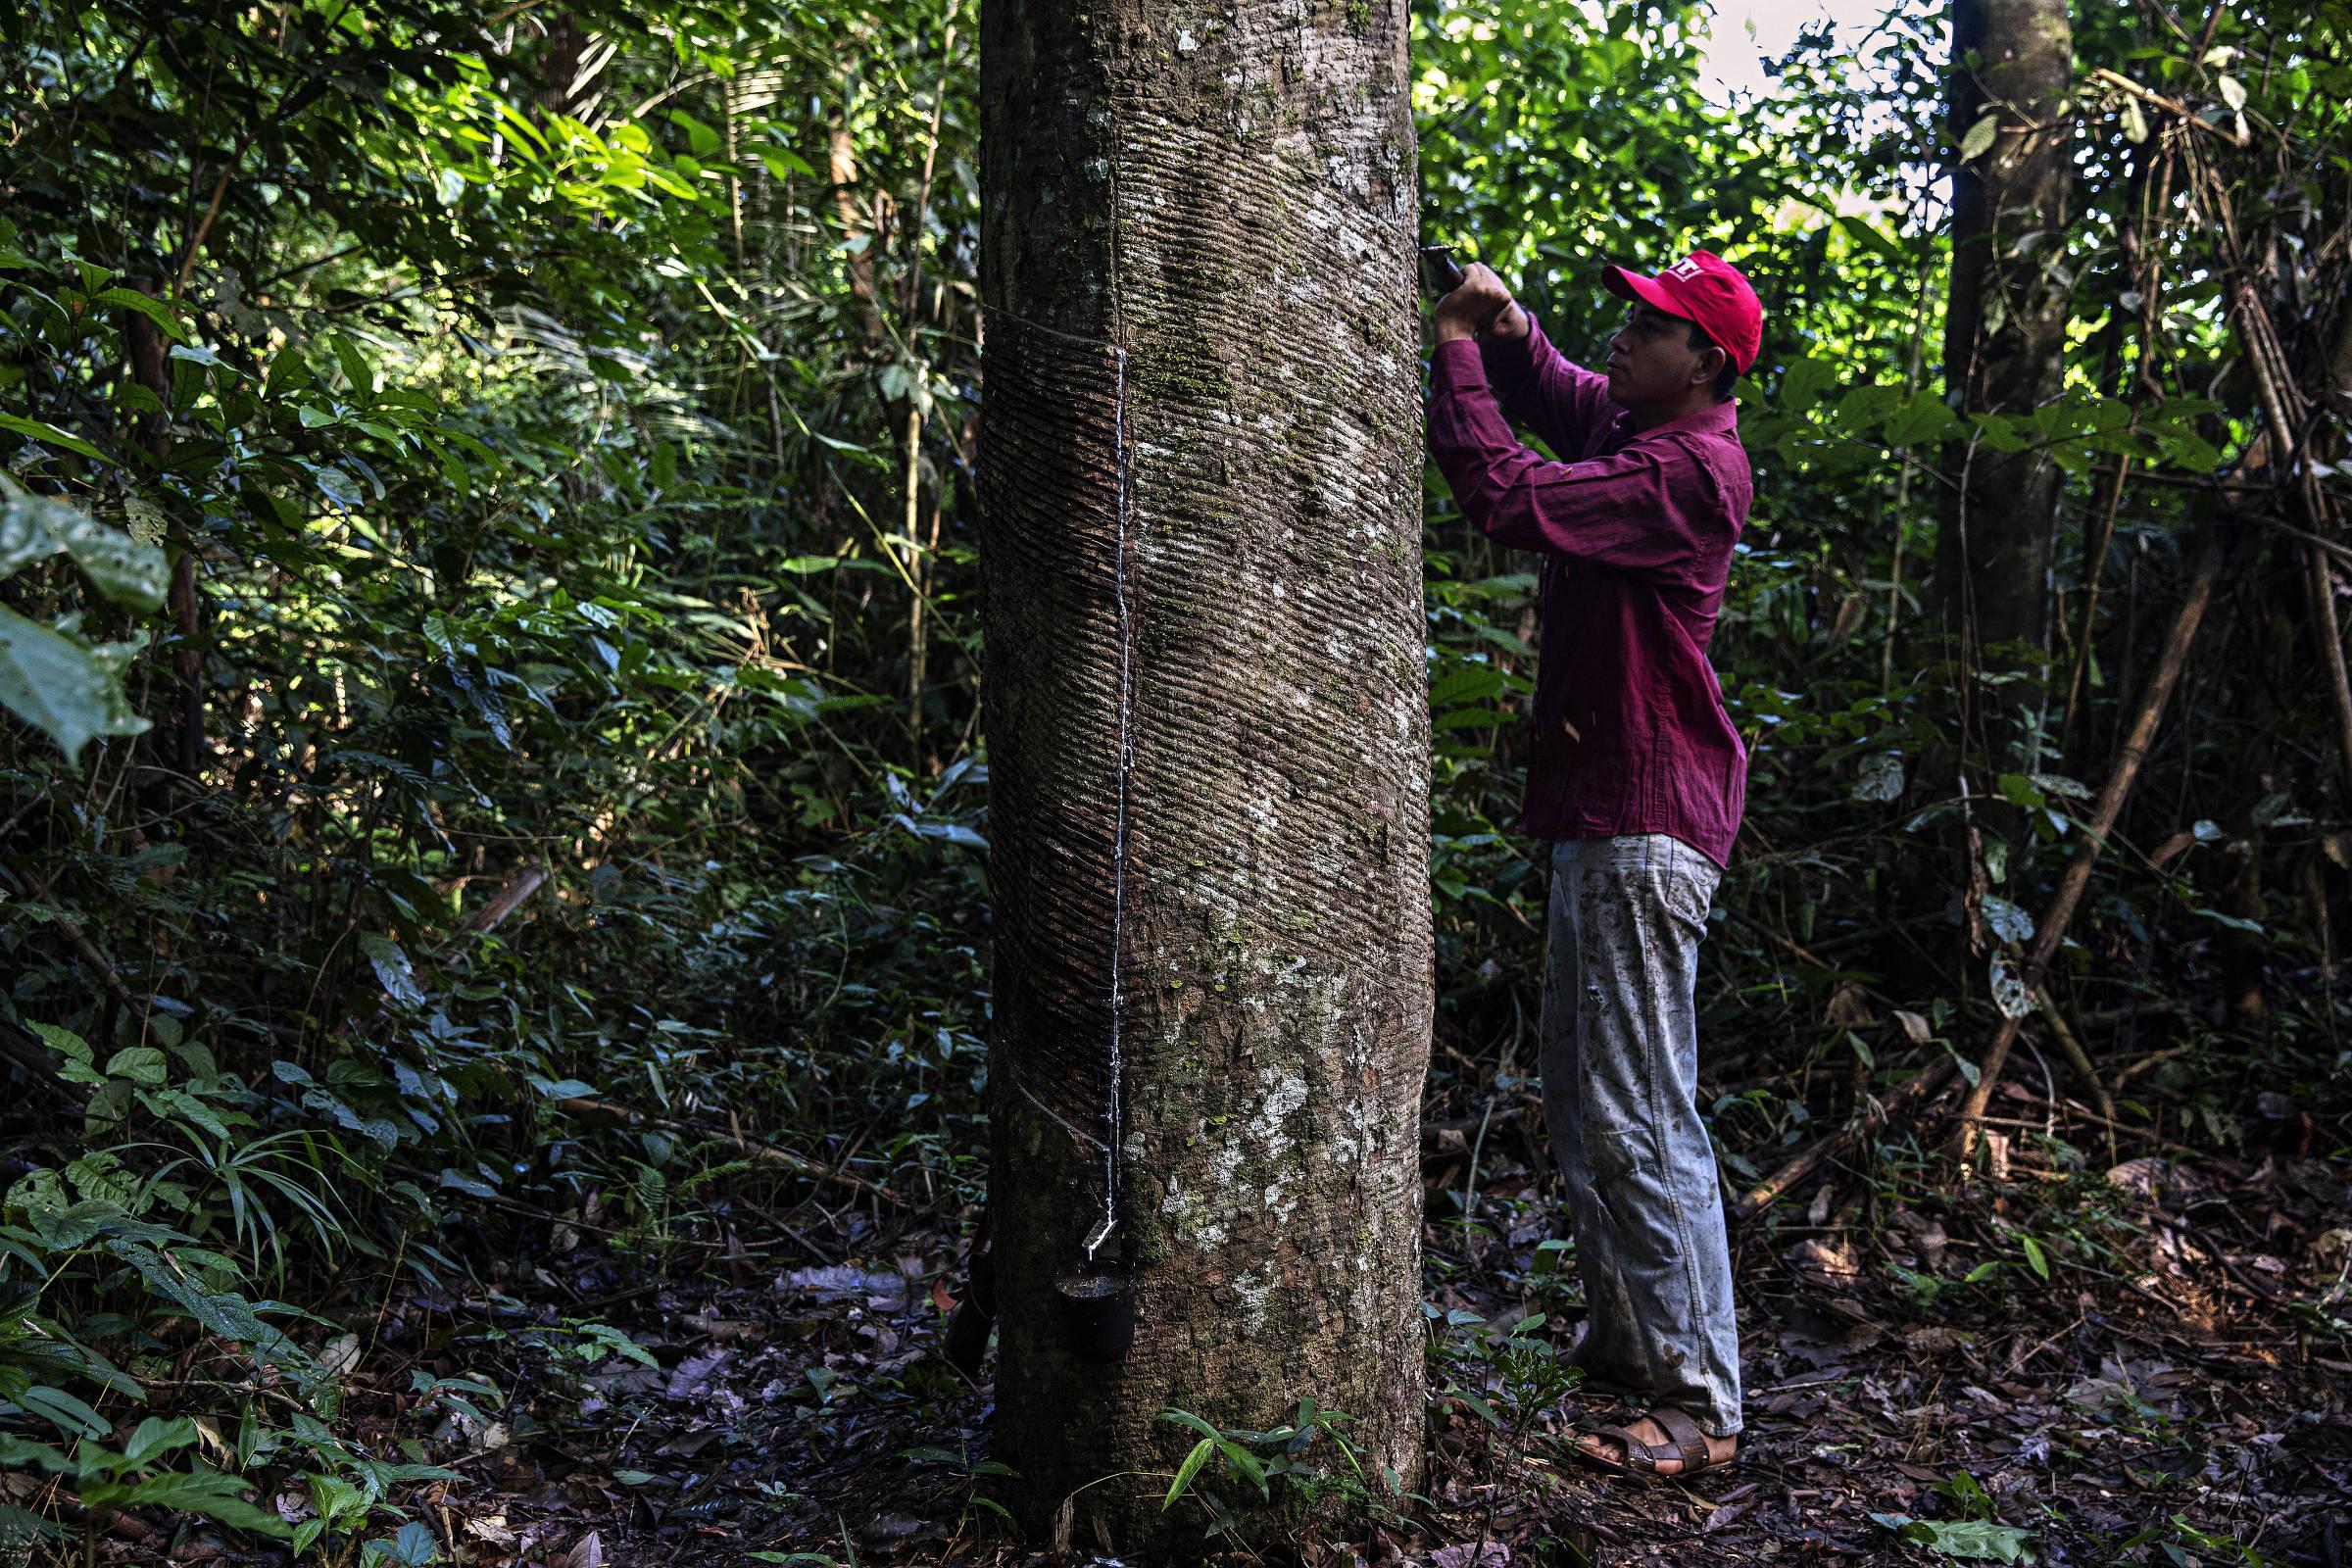 O seringueiro Rian Avevedo de Barros, 18, extrai látex no seringal Floresta, na Resex Chico Mendes, no Acre